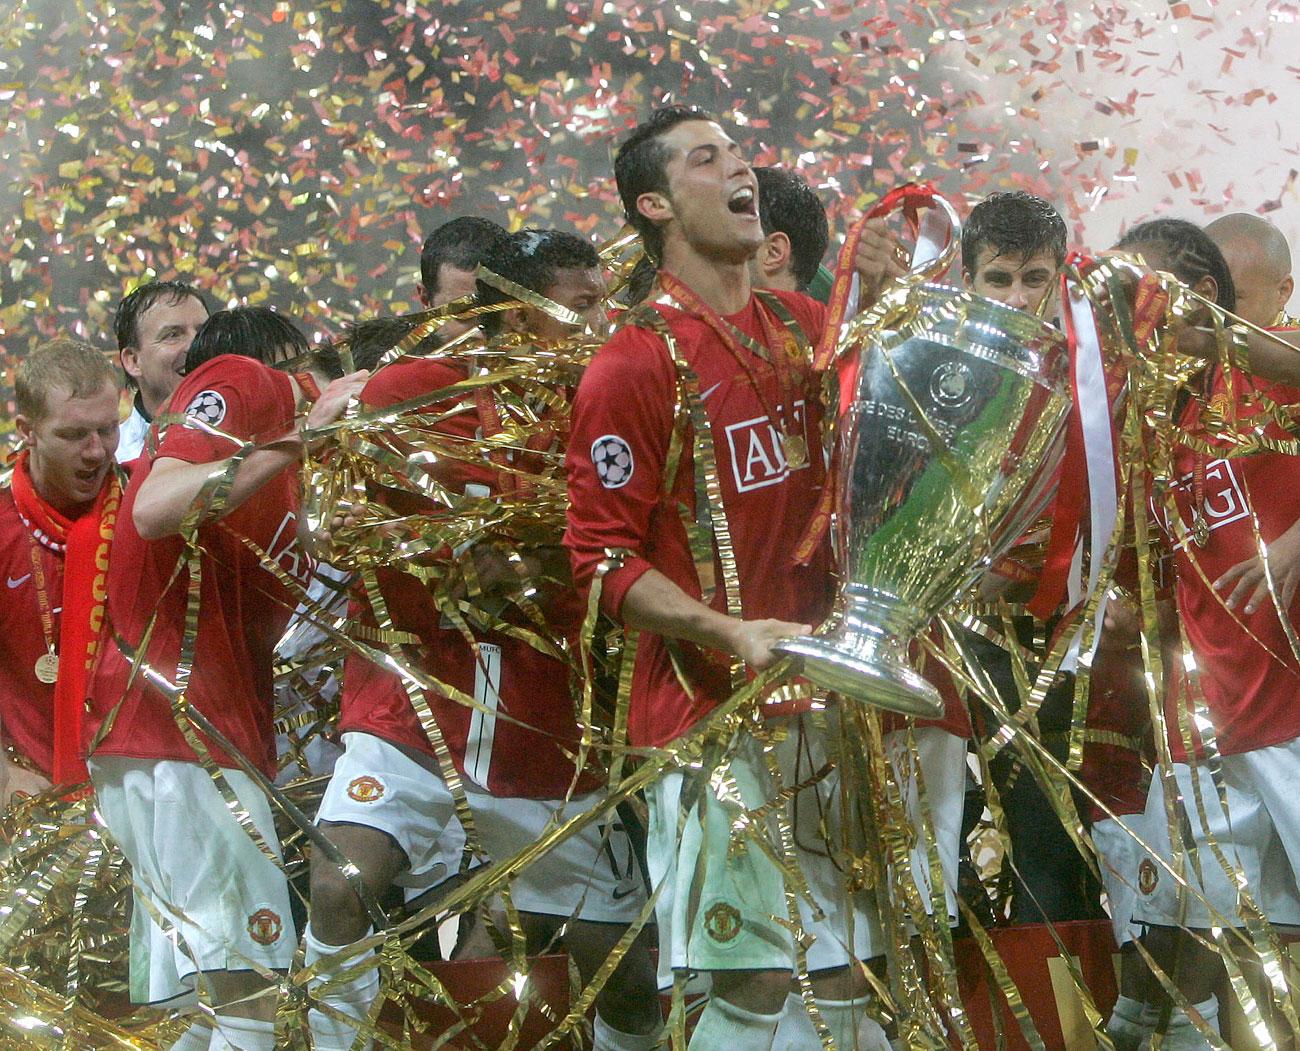 Pada partai final Liga Champions UEFA 2008, pemerintah akhirnya menggunakan rumput alami pada lapangan stadion. Namun, tak lama setelah pertandingan, mereka kembali mengganti rumput itu dengan karpet rumput buatan mereka yang telah berumur. // Pemain bola Cristiano Ronaldo dari Manchester United merayakan kemenangan pada akhir pertandingan final kejuaaraan sepak bola Liga Champions di Stadion Luzhniki, Moskow.